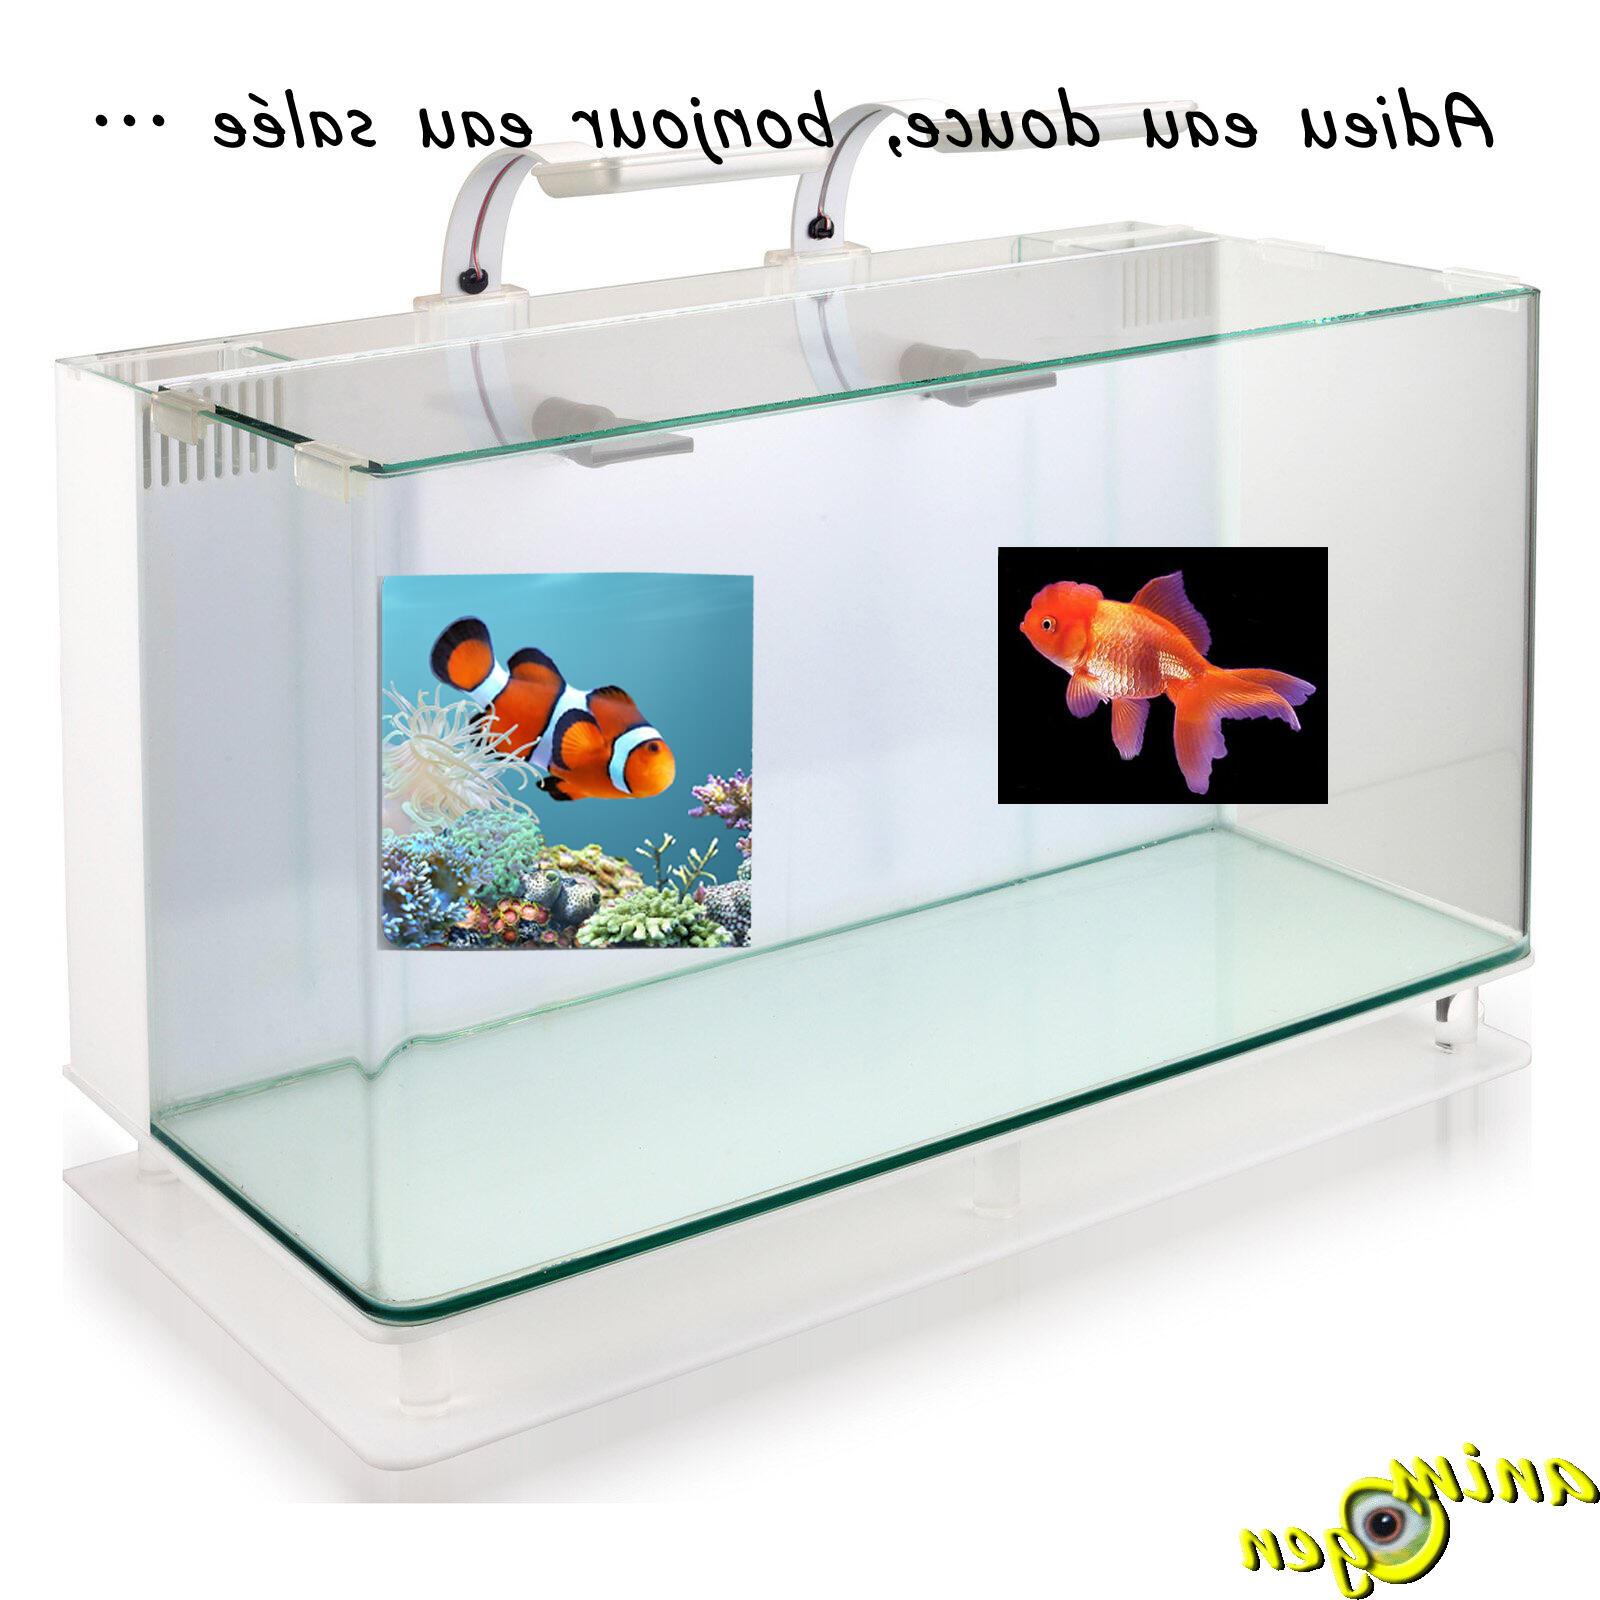 Comment transformer un aquarium d'eau douce en eau de mer ?